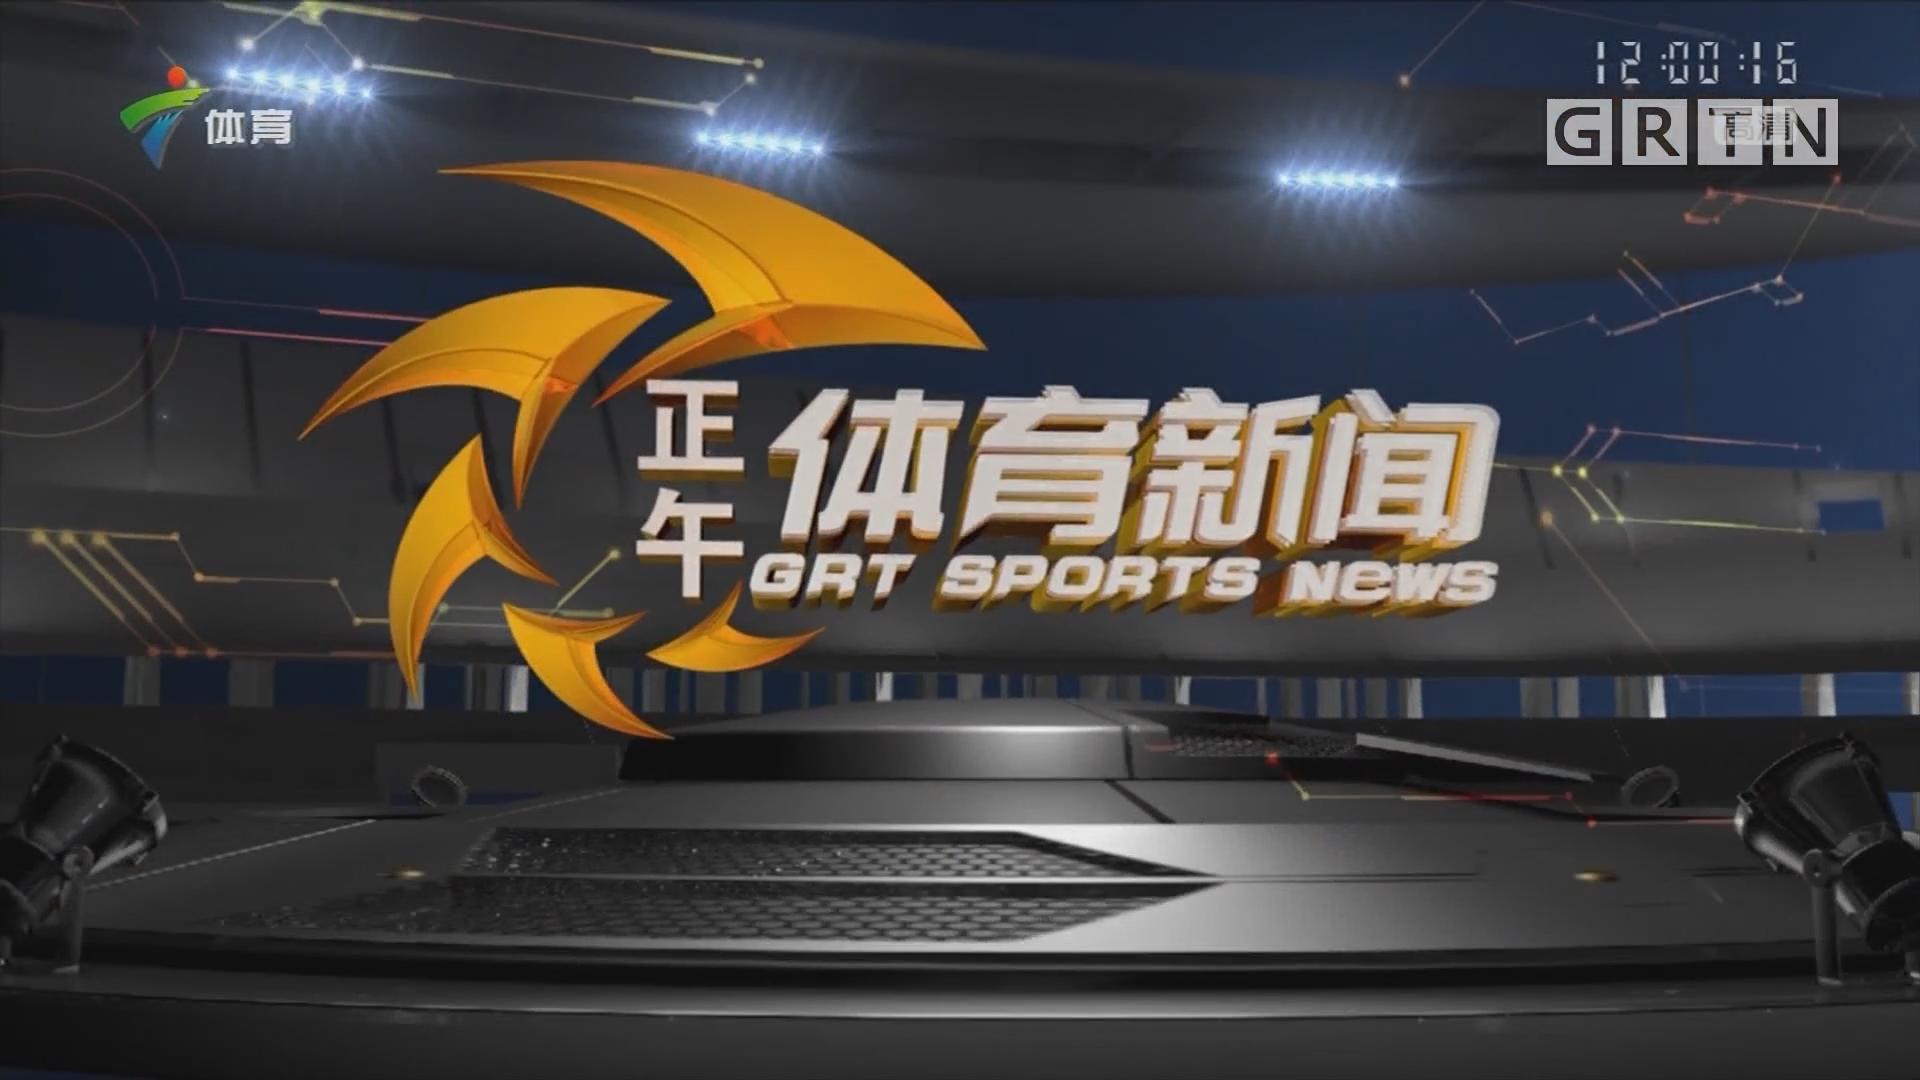 [HD][2019-08-04]正午体育新闻:豪取12连胜 广州恒大三球完胜山东鲁能